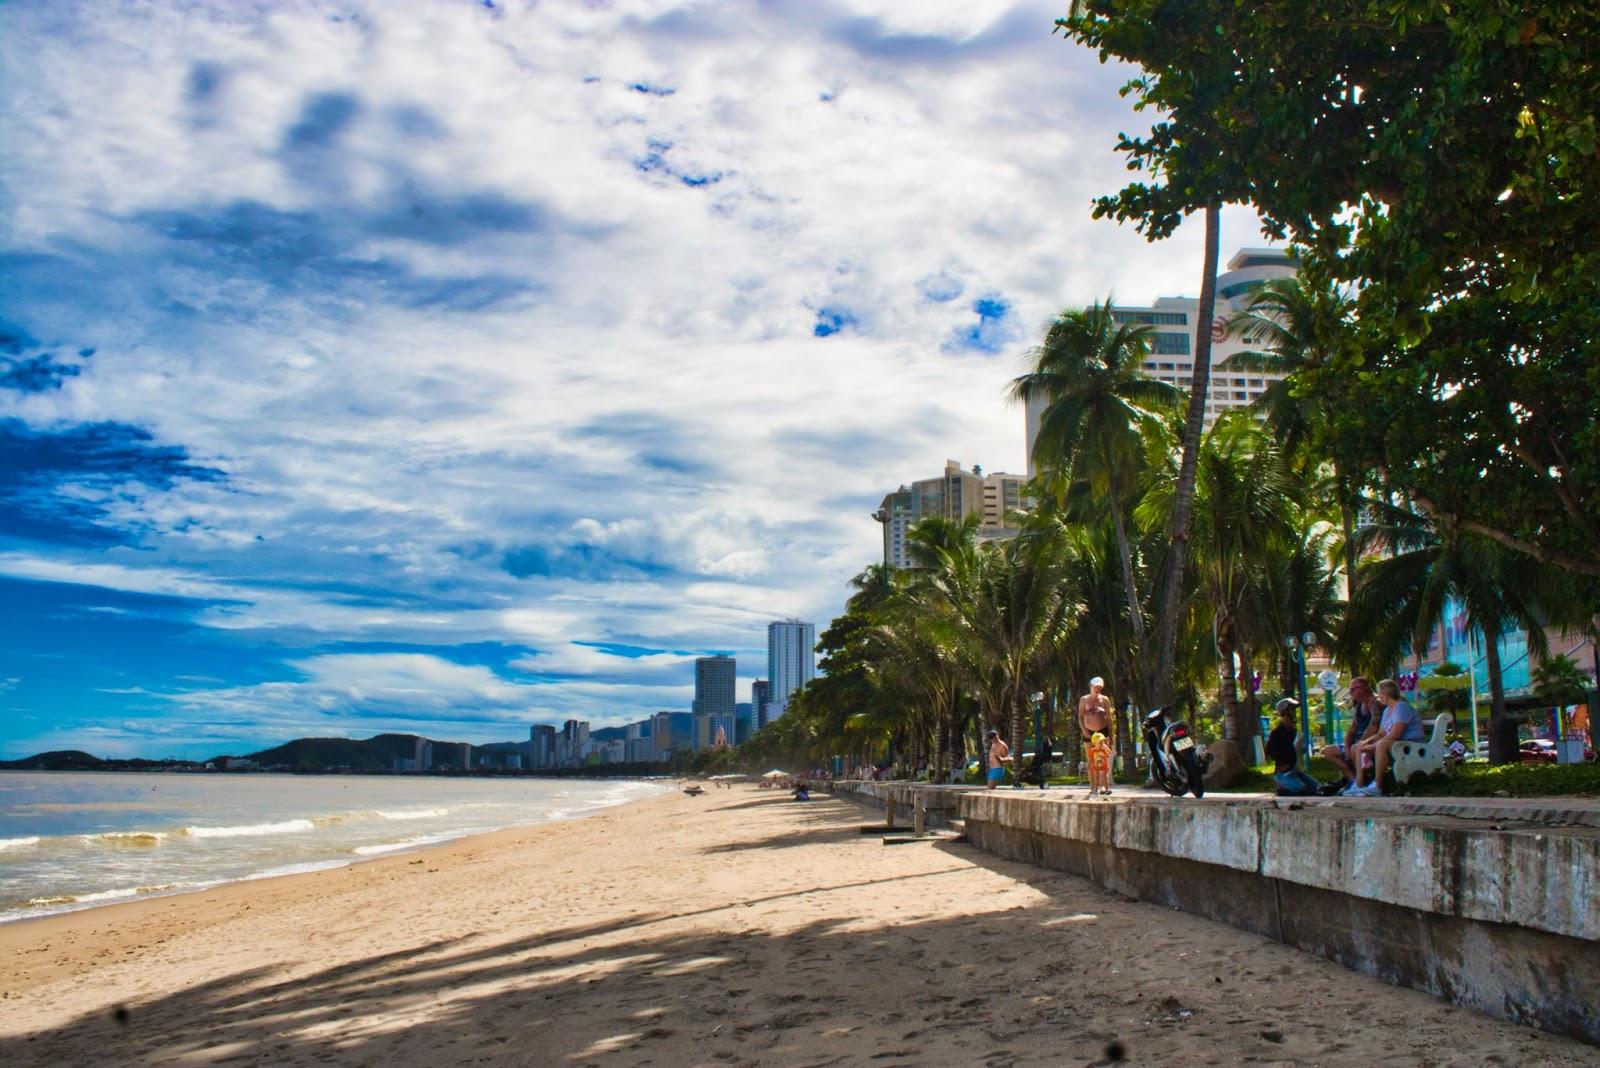 Kinh nghiệm du lịch Nha Trang (cập nhật liên tục)